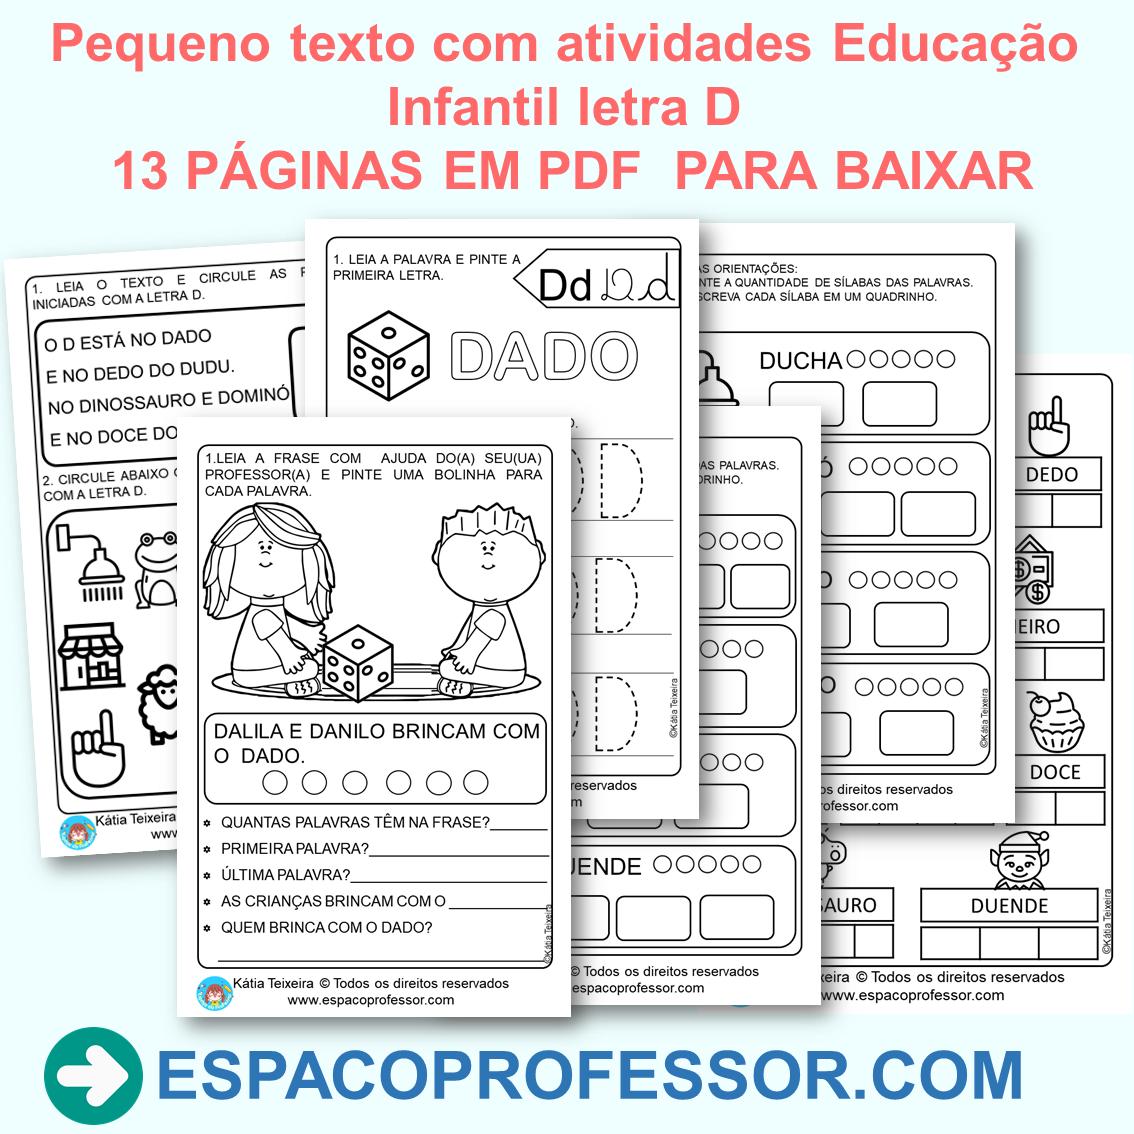 Pequeno texto com atividades Educação Infantil letra D com 13 páginas